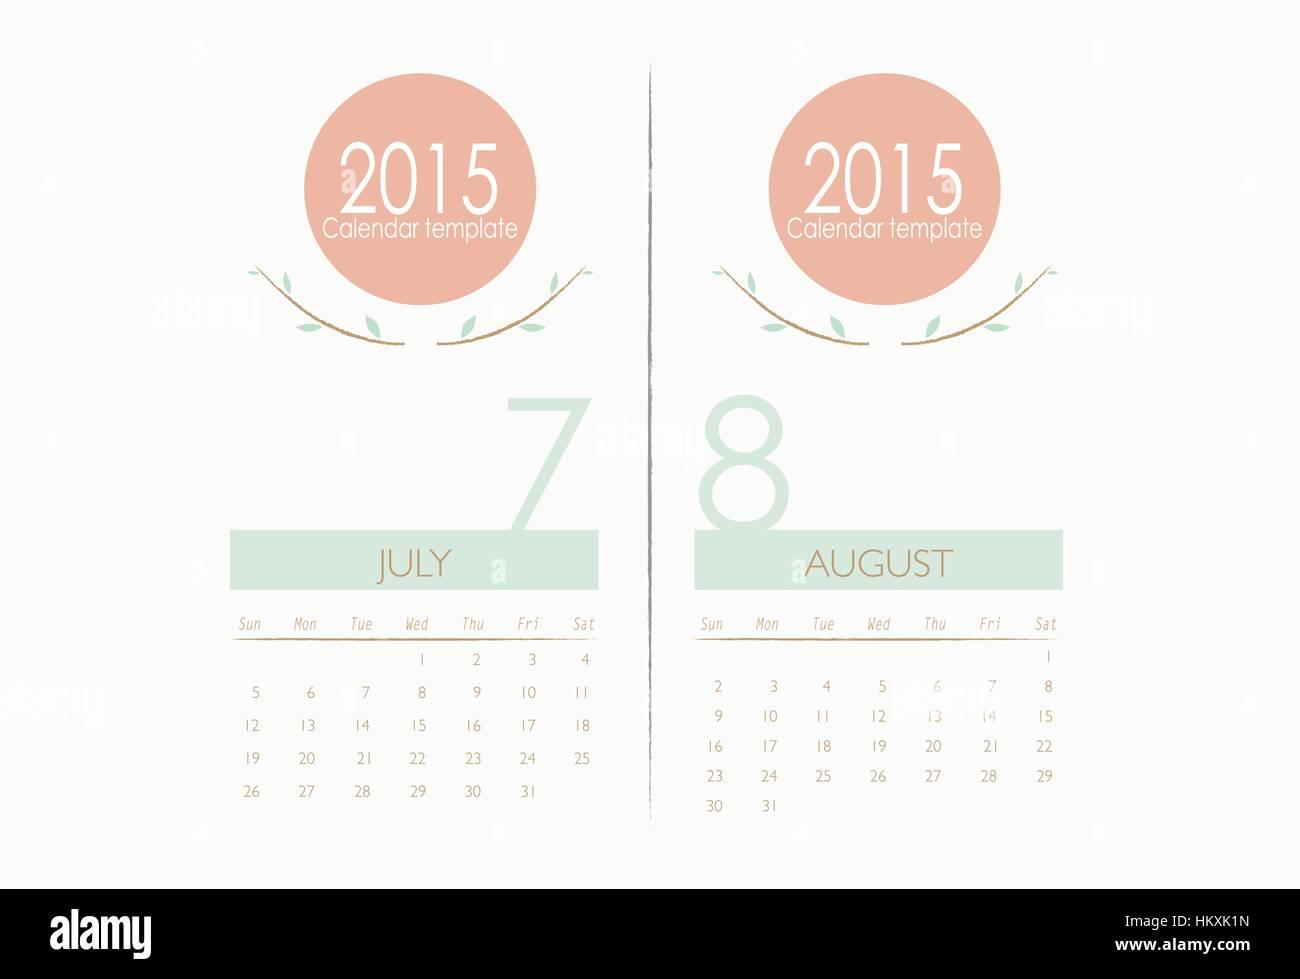 Atemberaubend Monatliche Kalendervorlagen 2015 Galerie - Beispiel ...